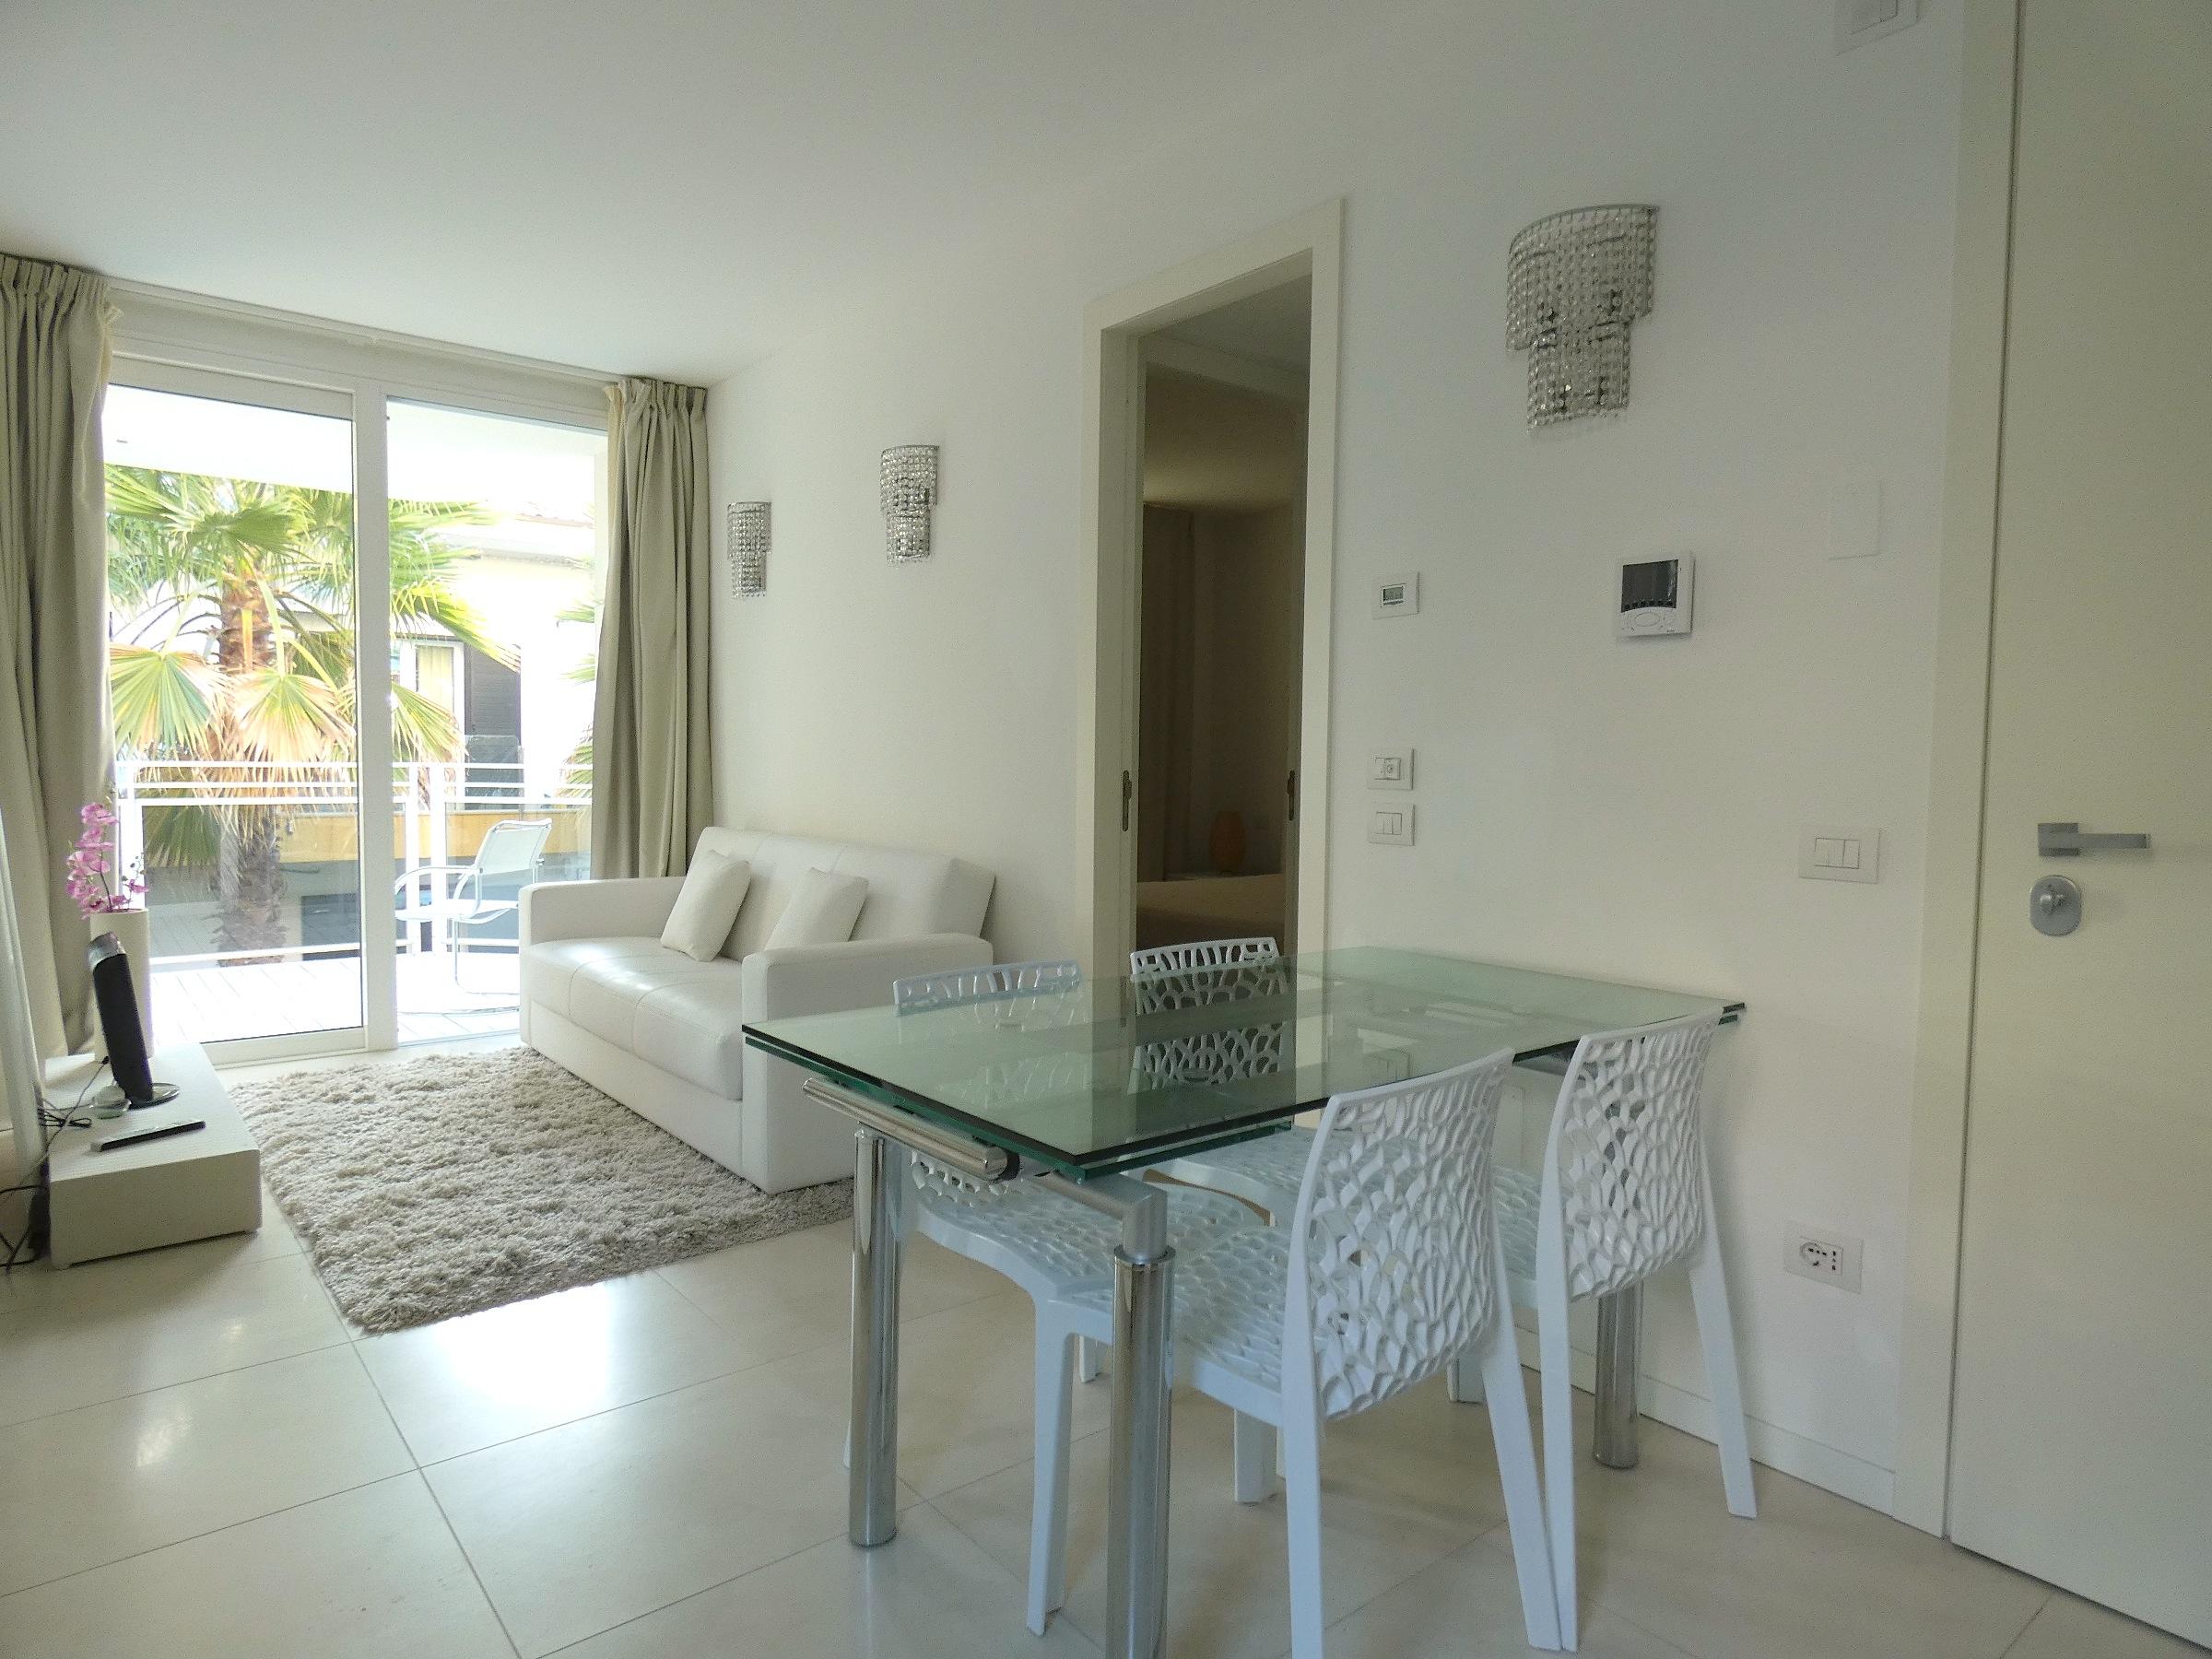 RICCIONE PAESE, appartamento in vendita con terrazzo abitabile